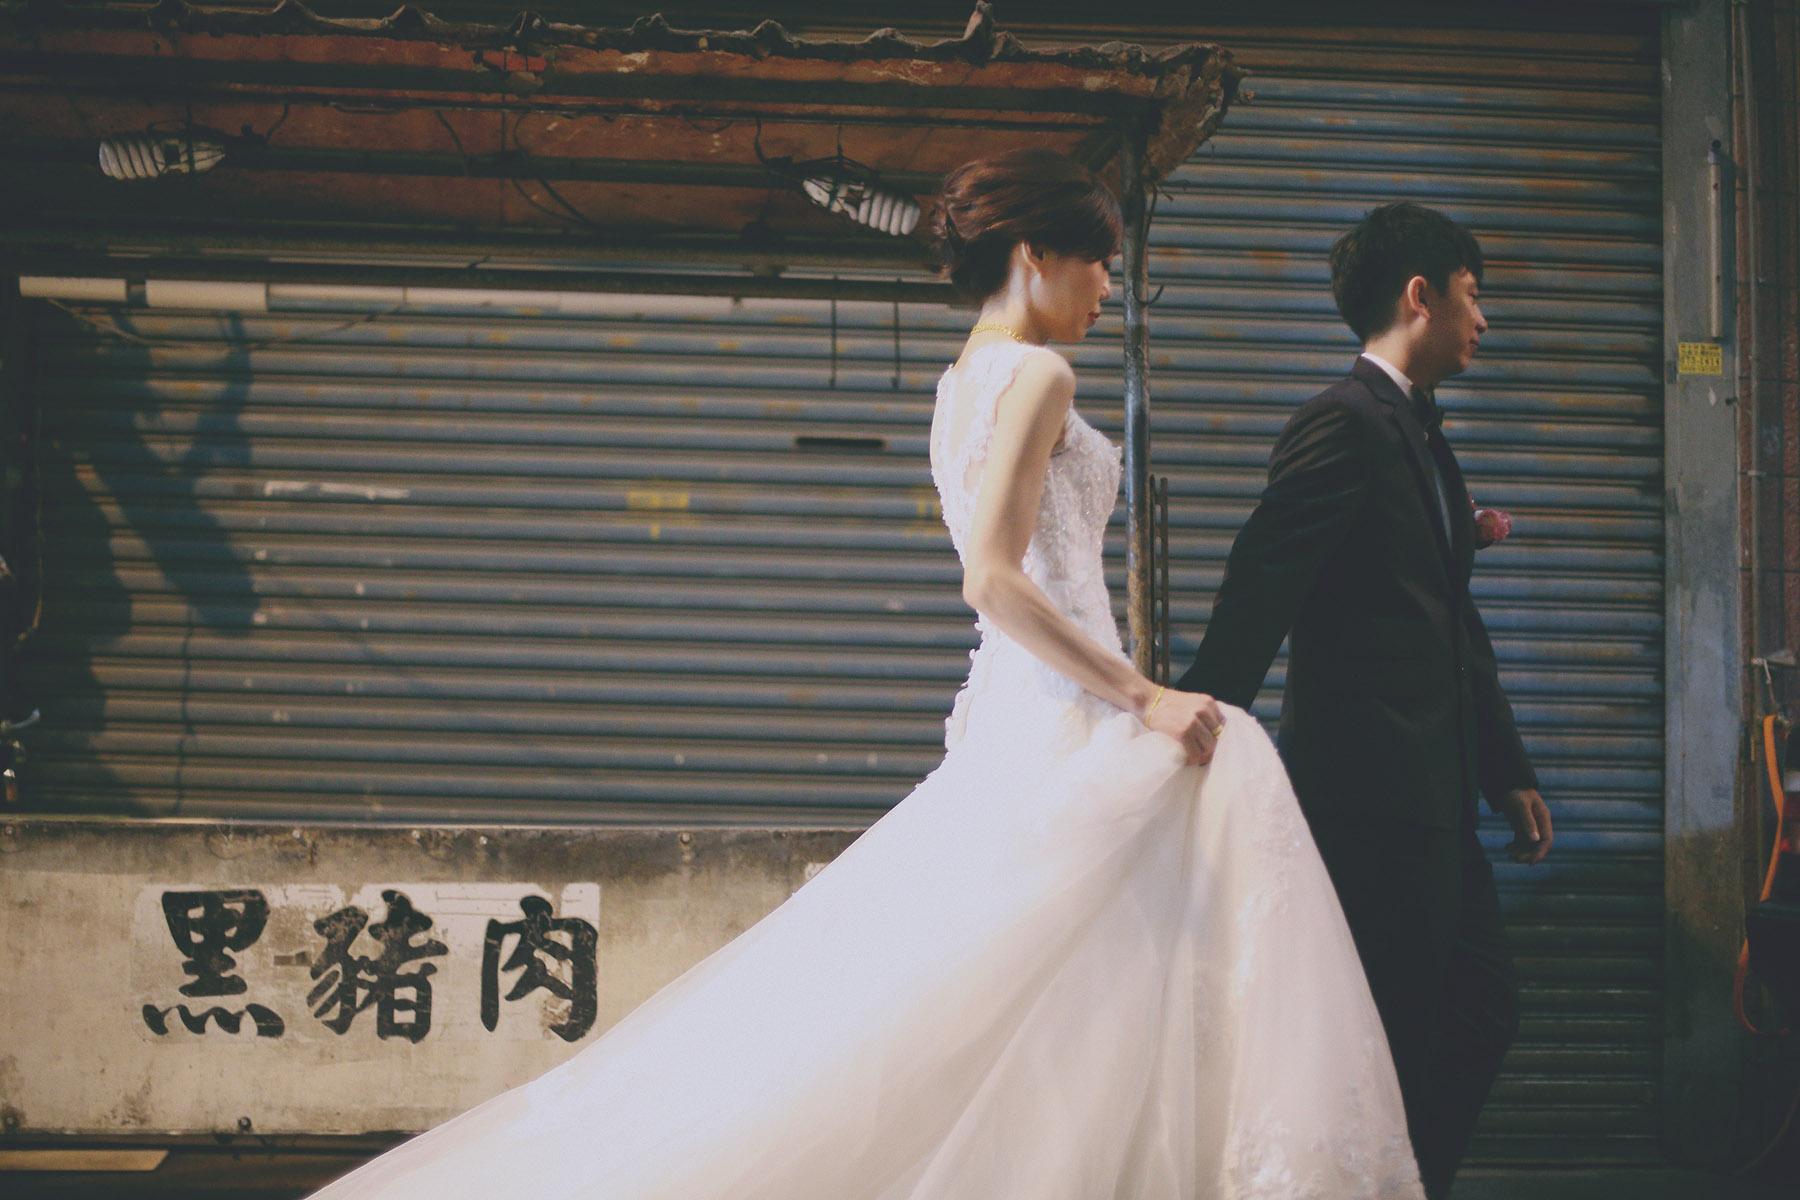 婚攝推薦,電影風格,底片,情感,婚禮攝影,婚禮紀錄,菜市場